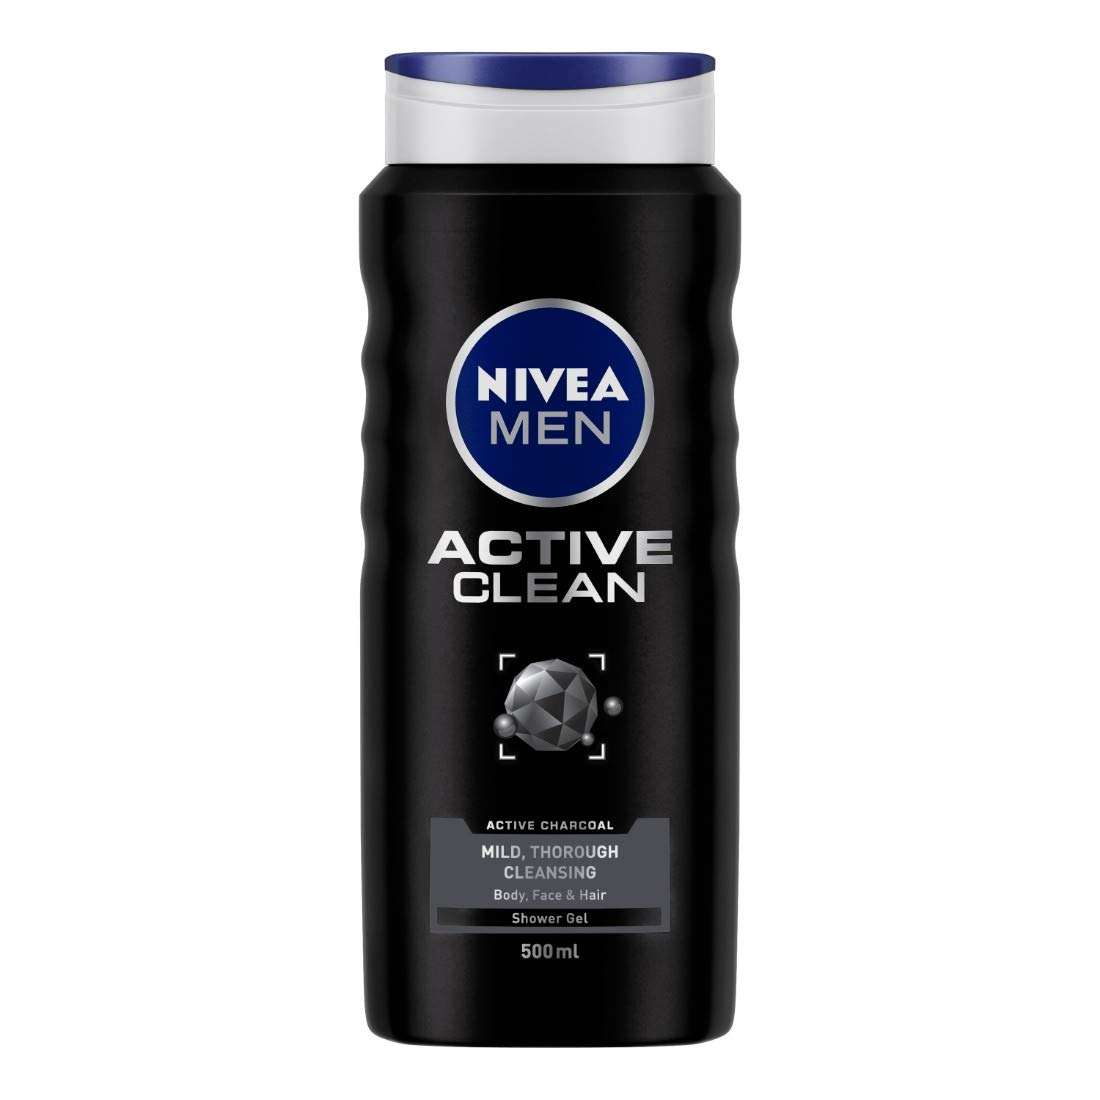 شامپو مو و بدن نیوآ مدل Active Clean حجم 500 میلی لیتر -  - 2